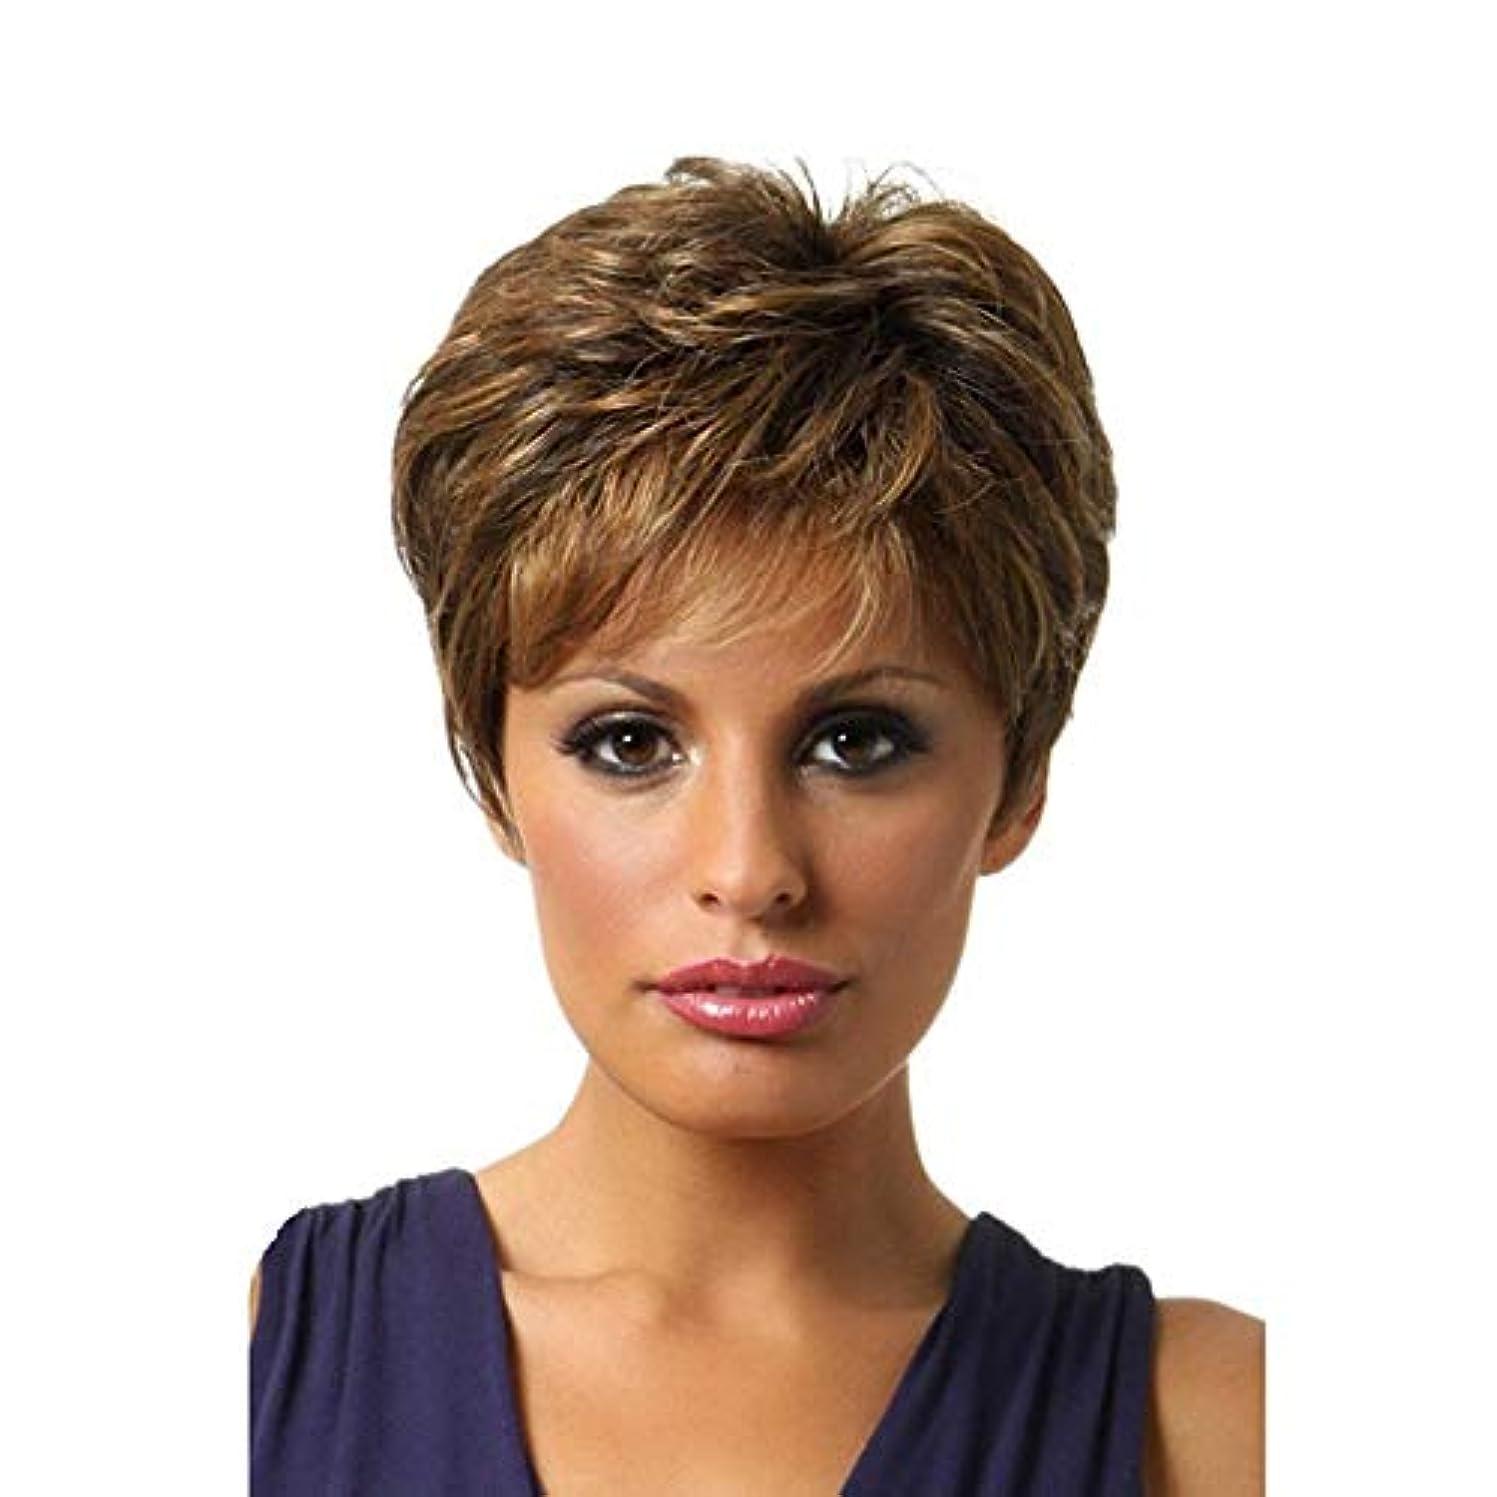 から聞く確かなさせるWASAIO ブロンドのハイライト髪の短い巻き毛ウィッグブラウン (色 : ブラウン)